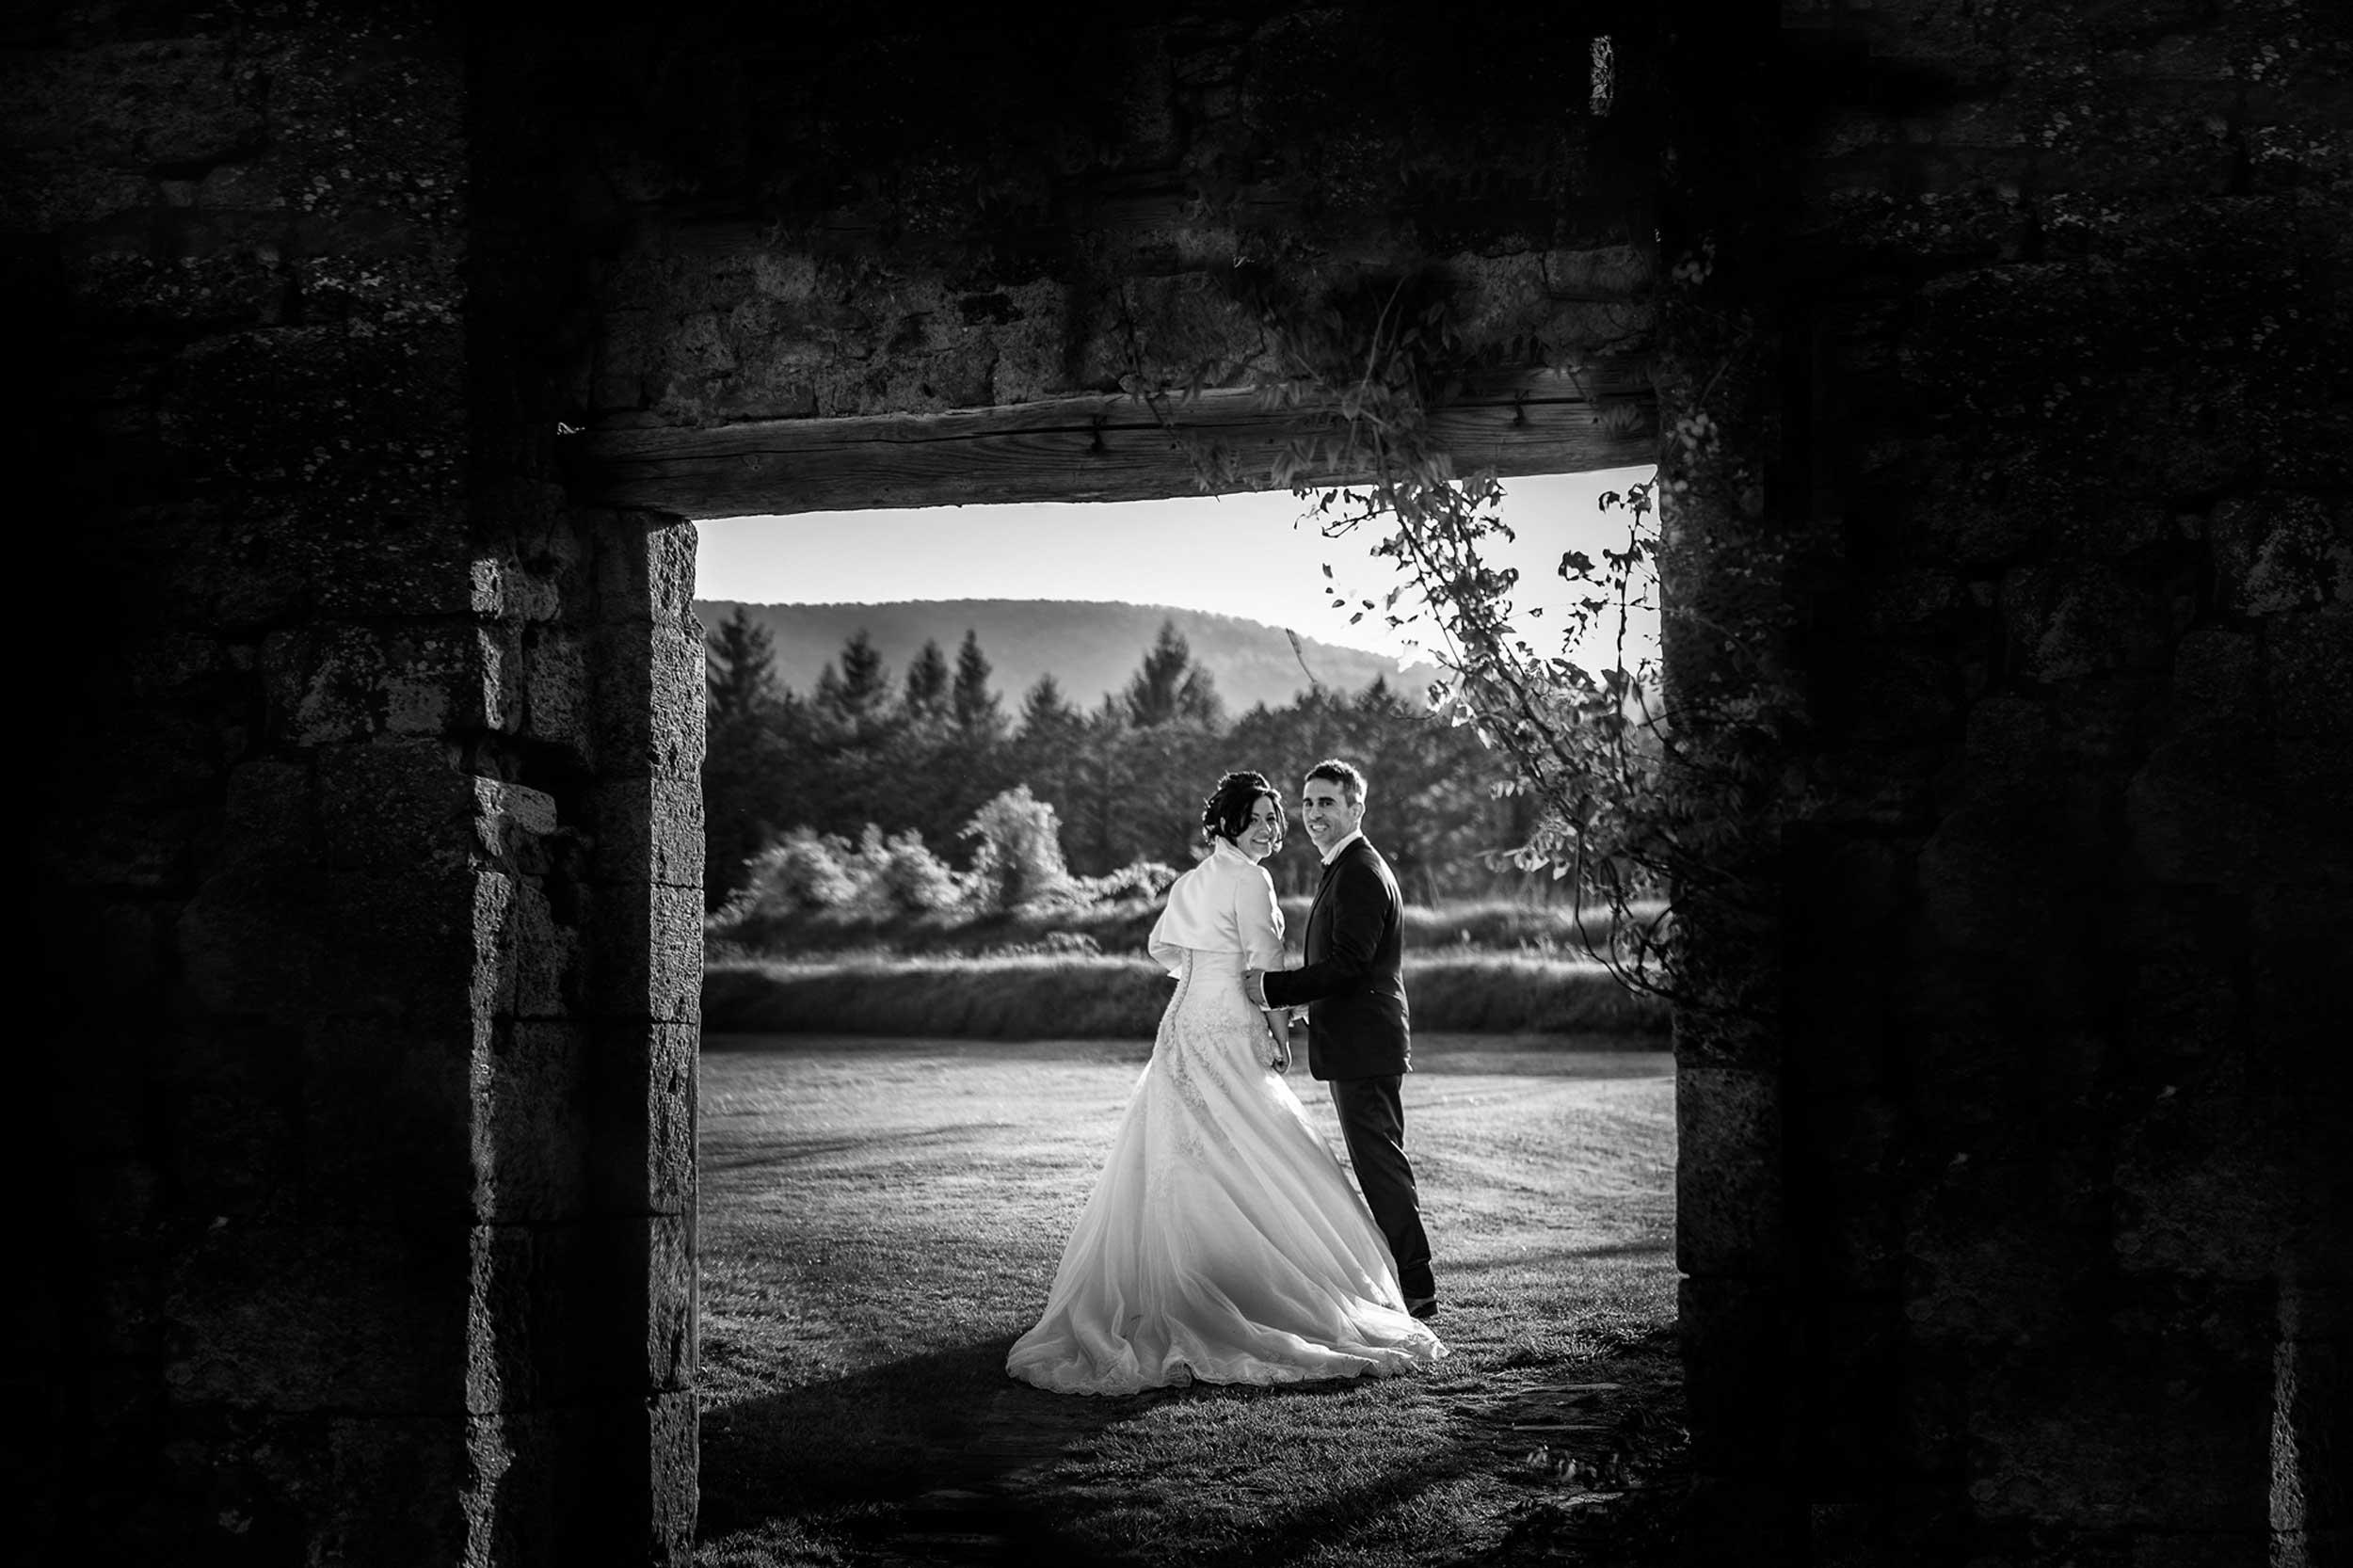 Alessio & Romina - Matrimonio Chiesa di Ponte allo Spino Siena, 16/4/2019